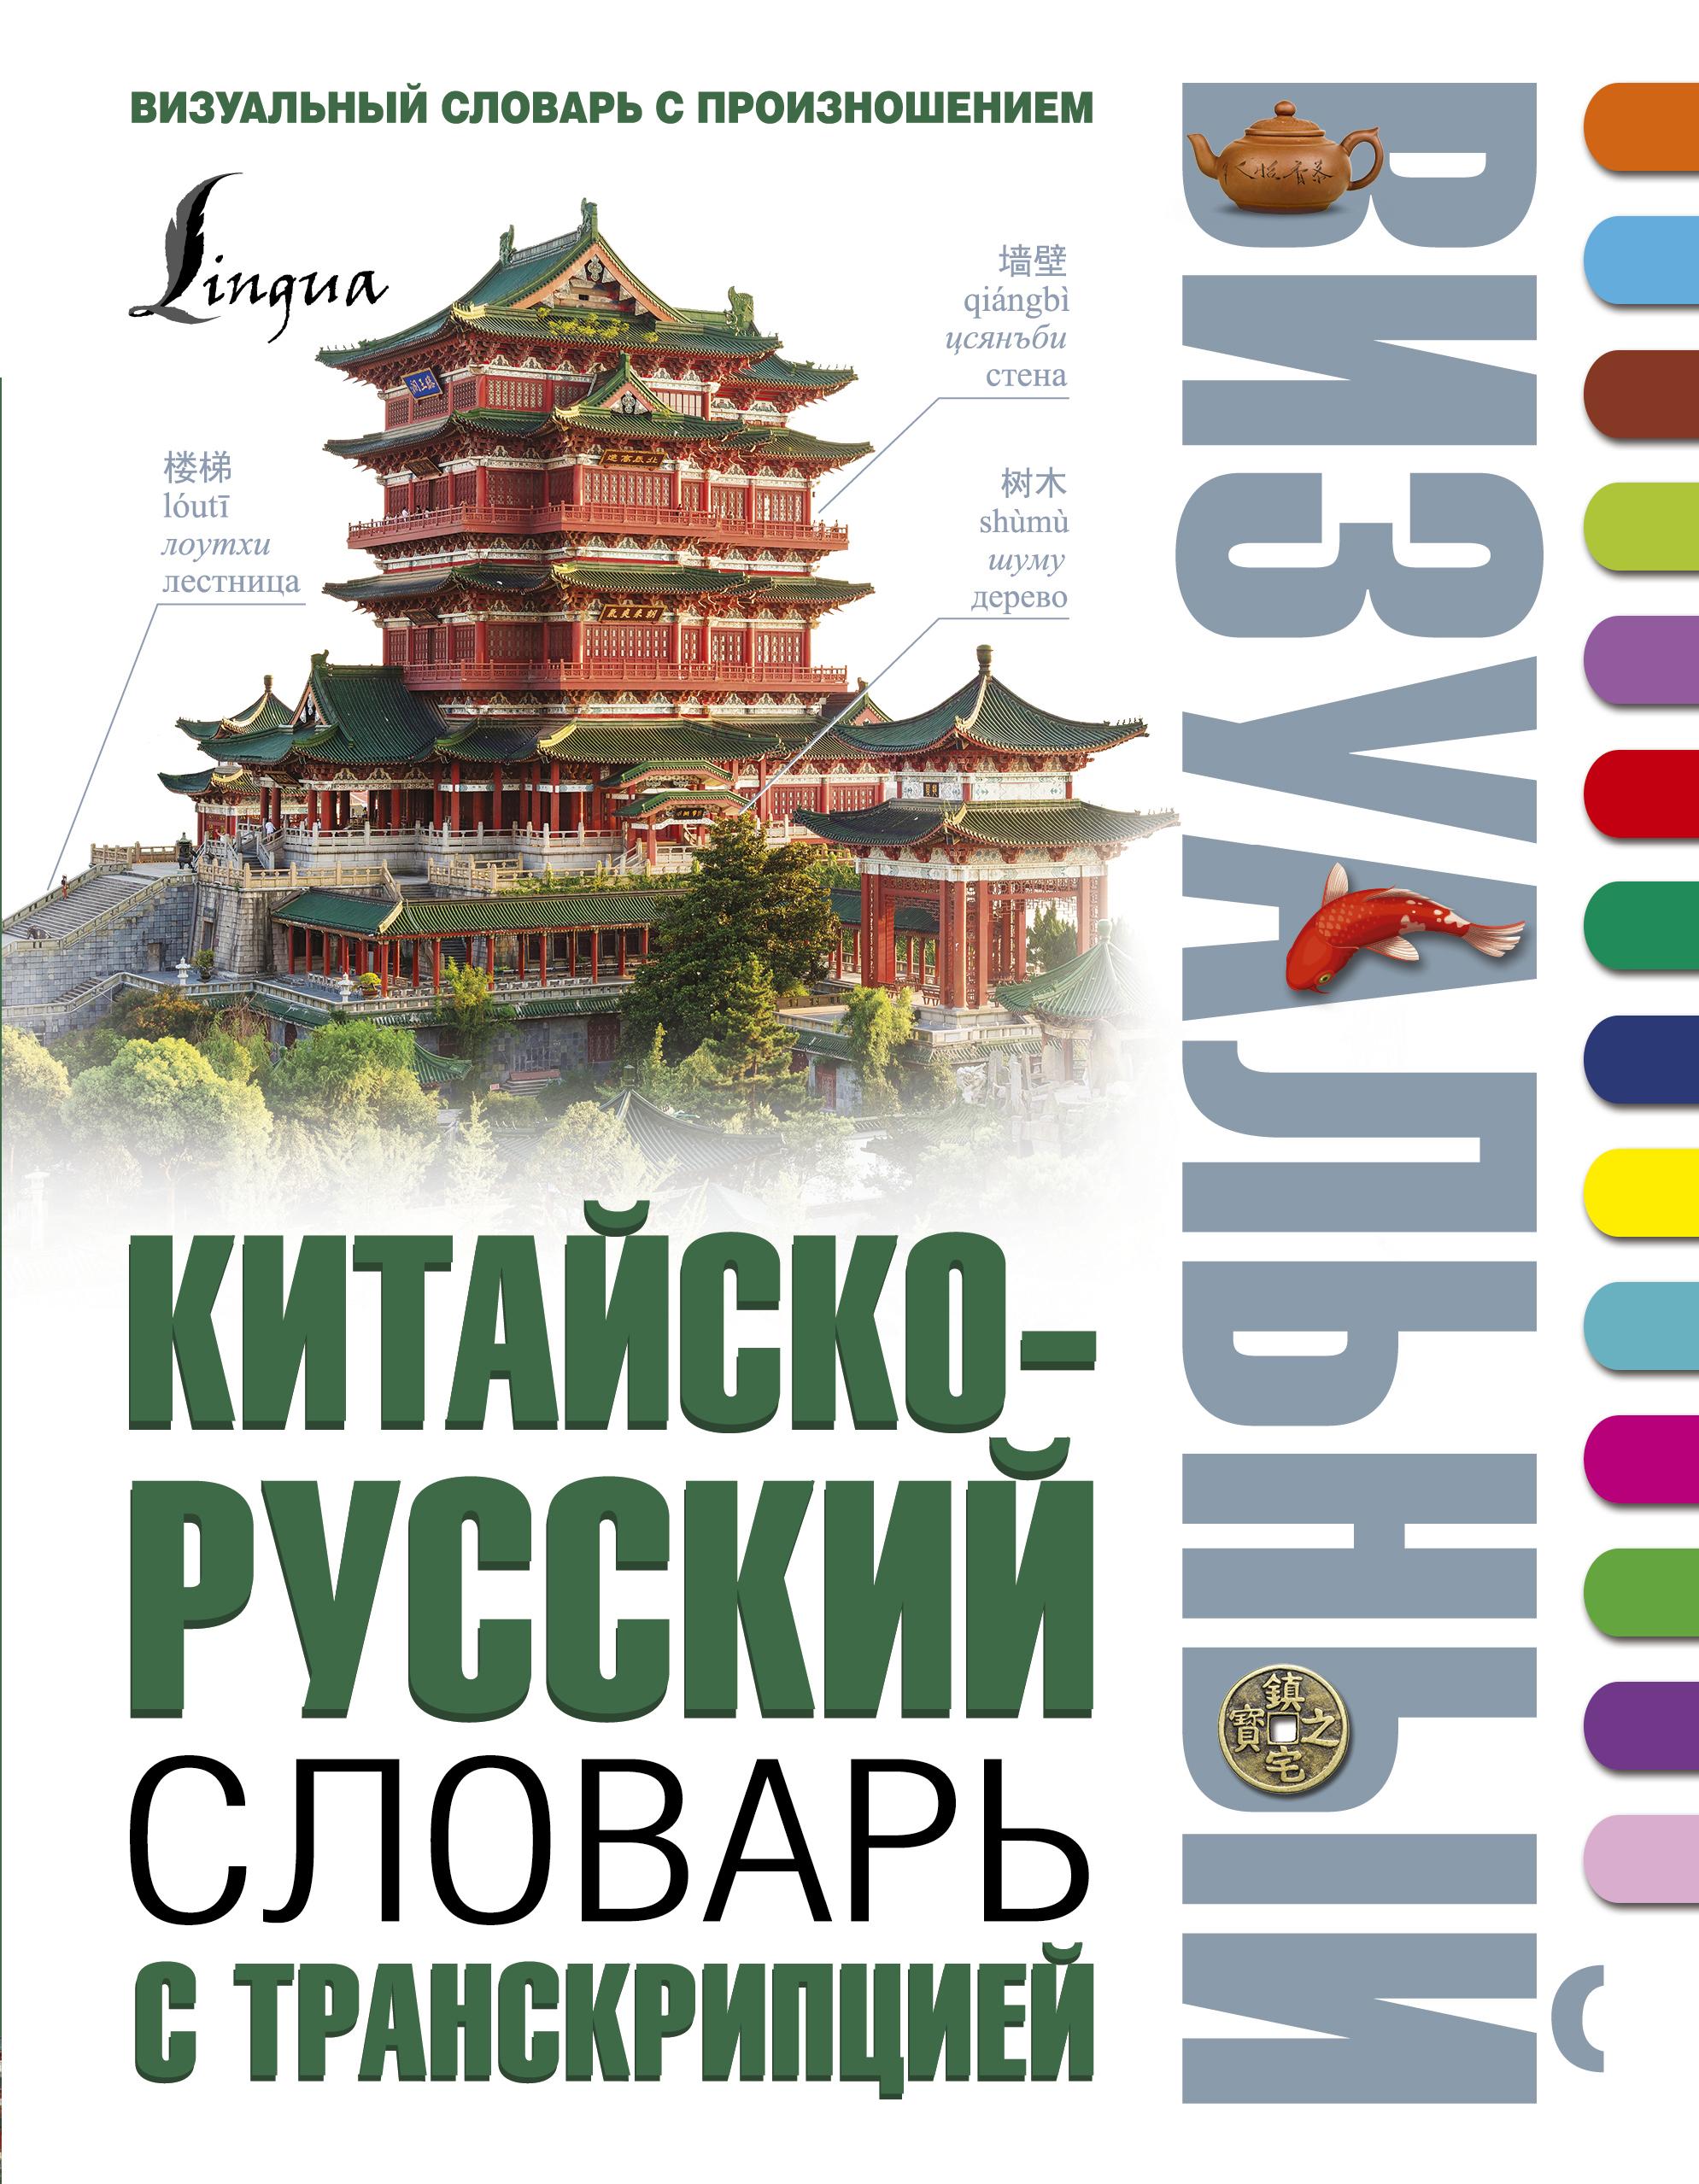 Китайско-русский визуальный словарь с транскрипцией ( .  )